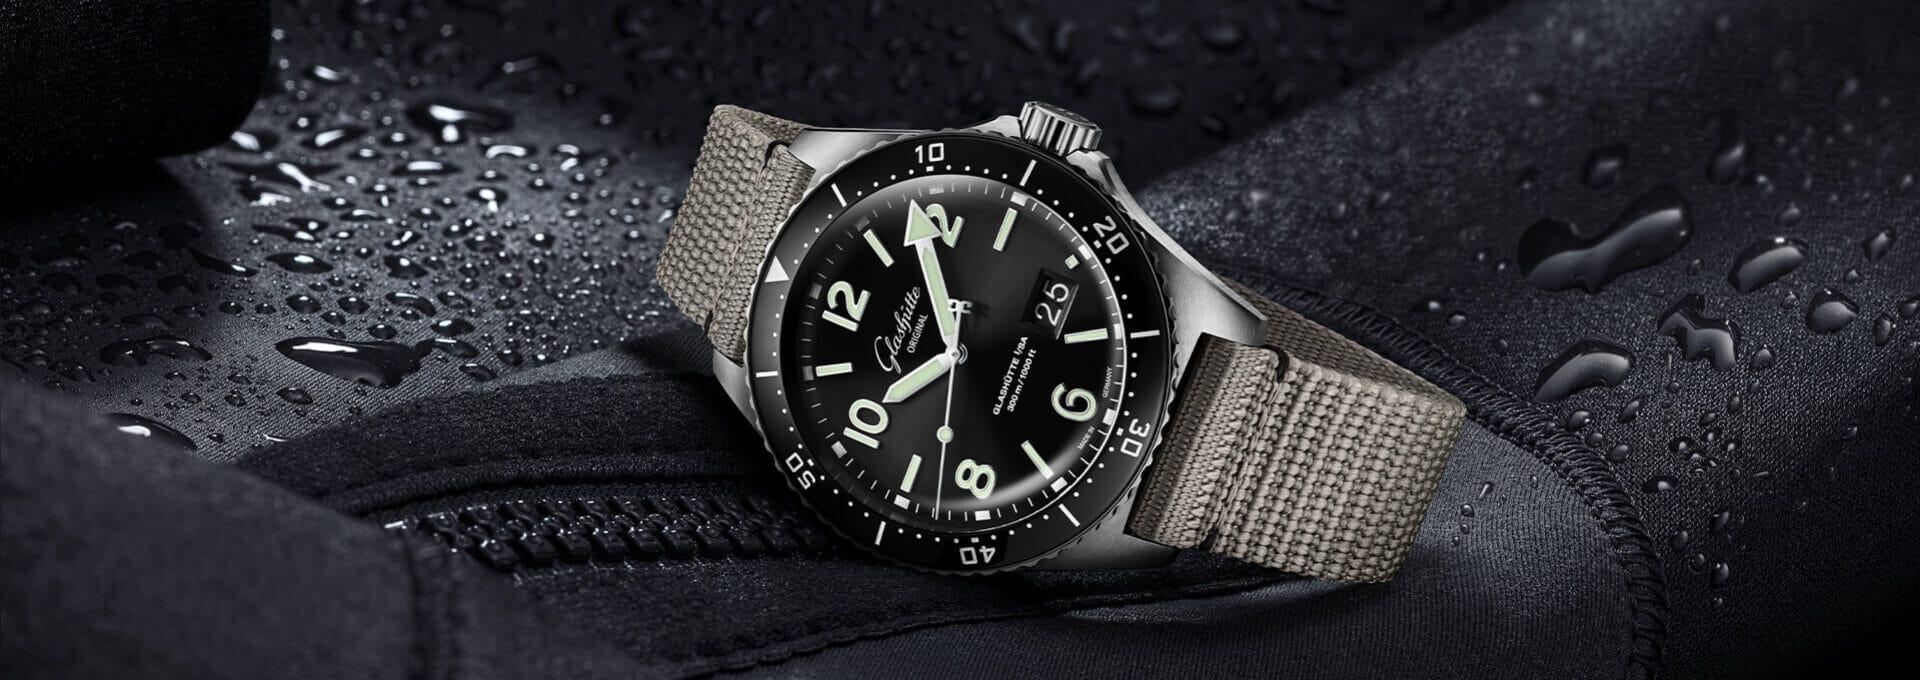 Glashutte Watch